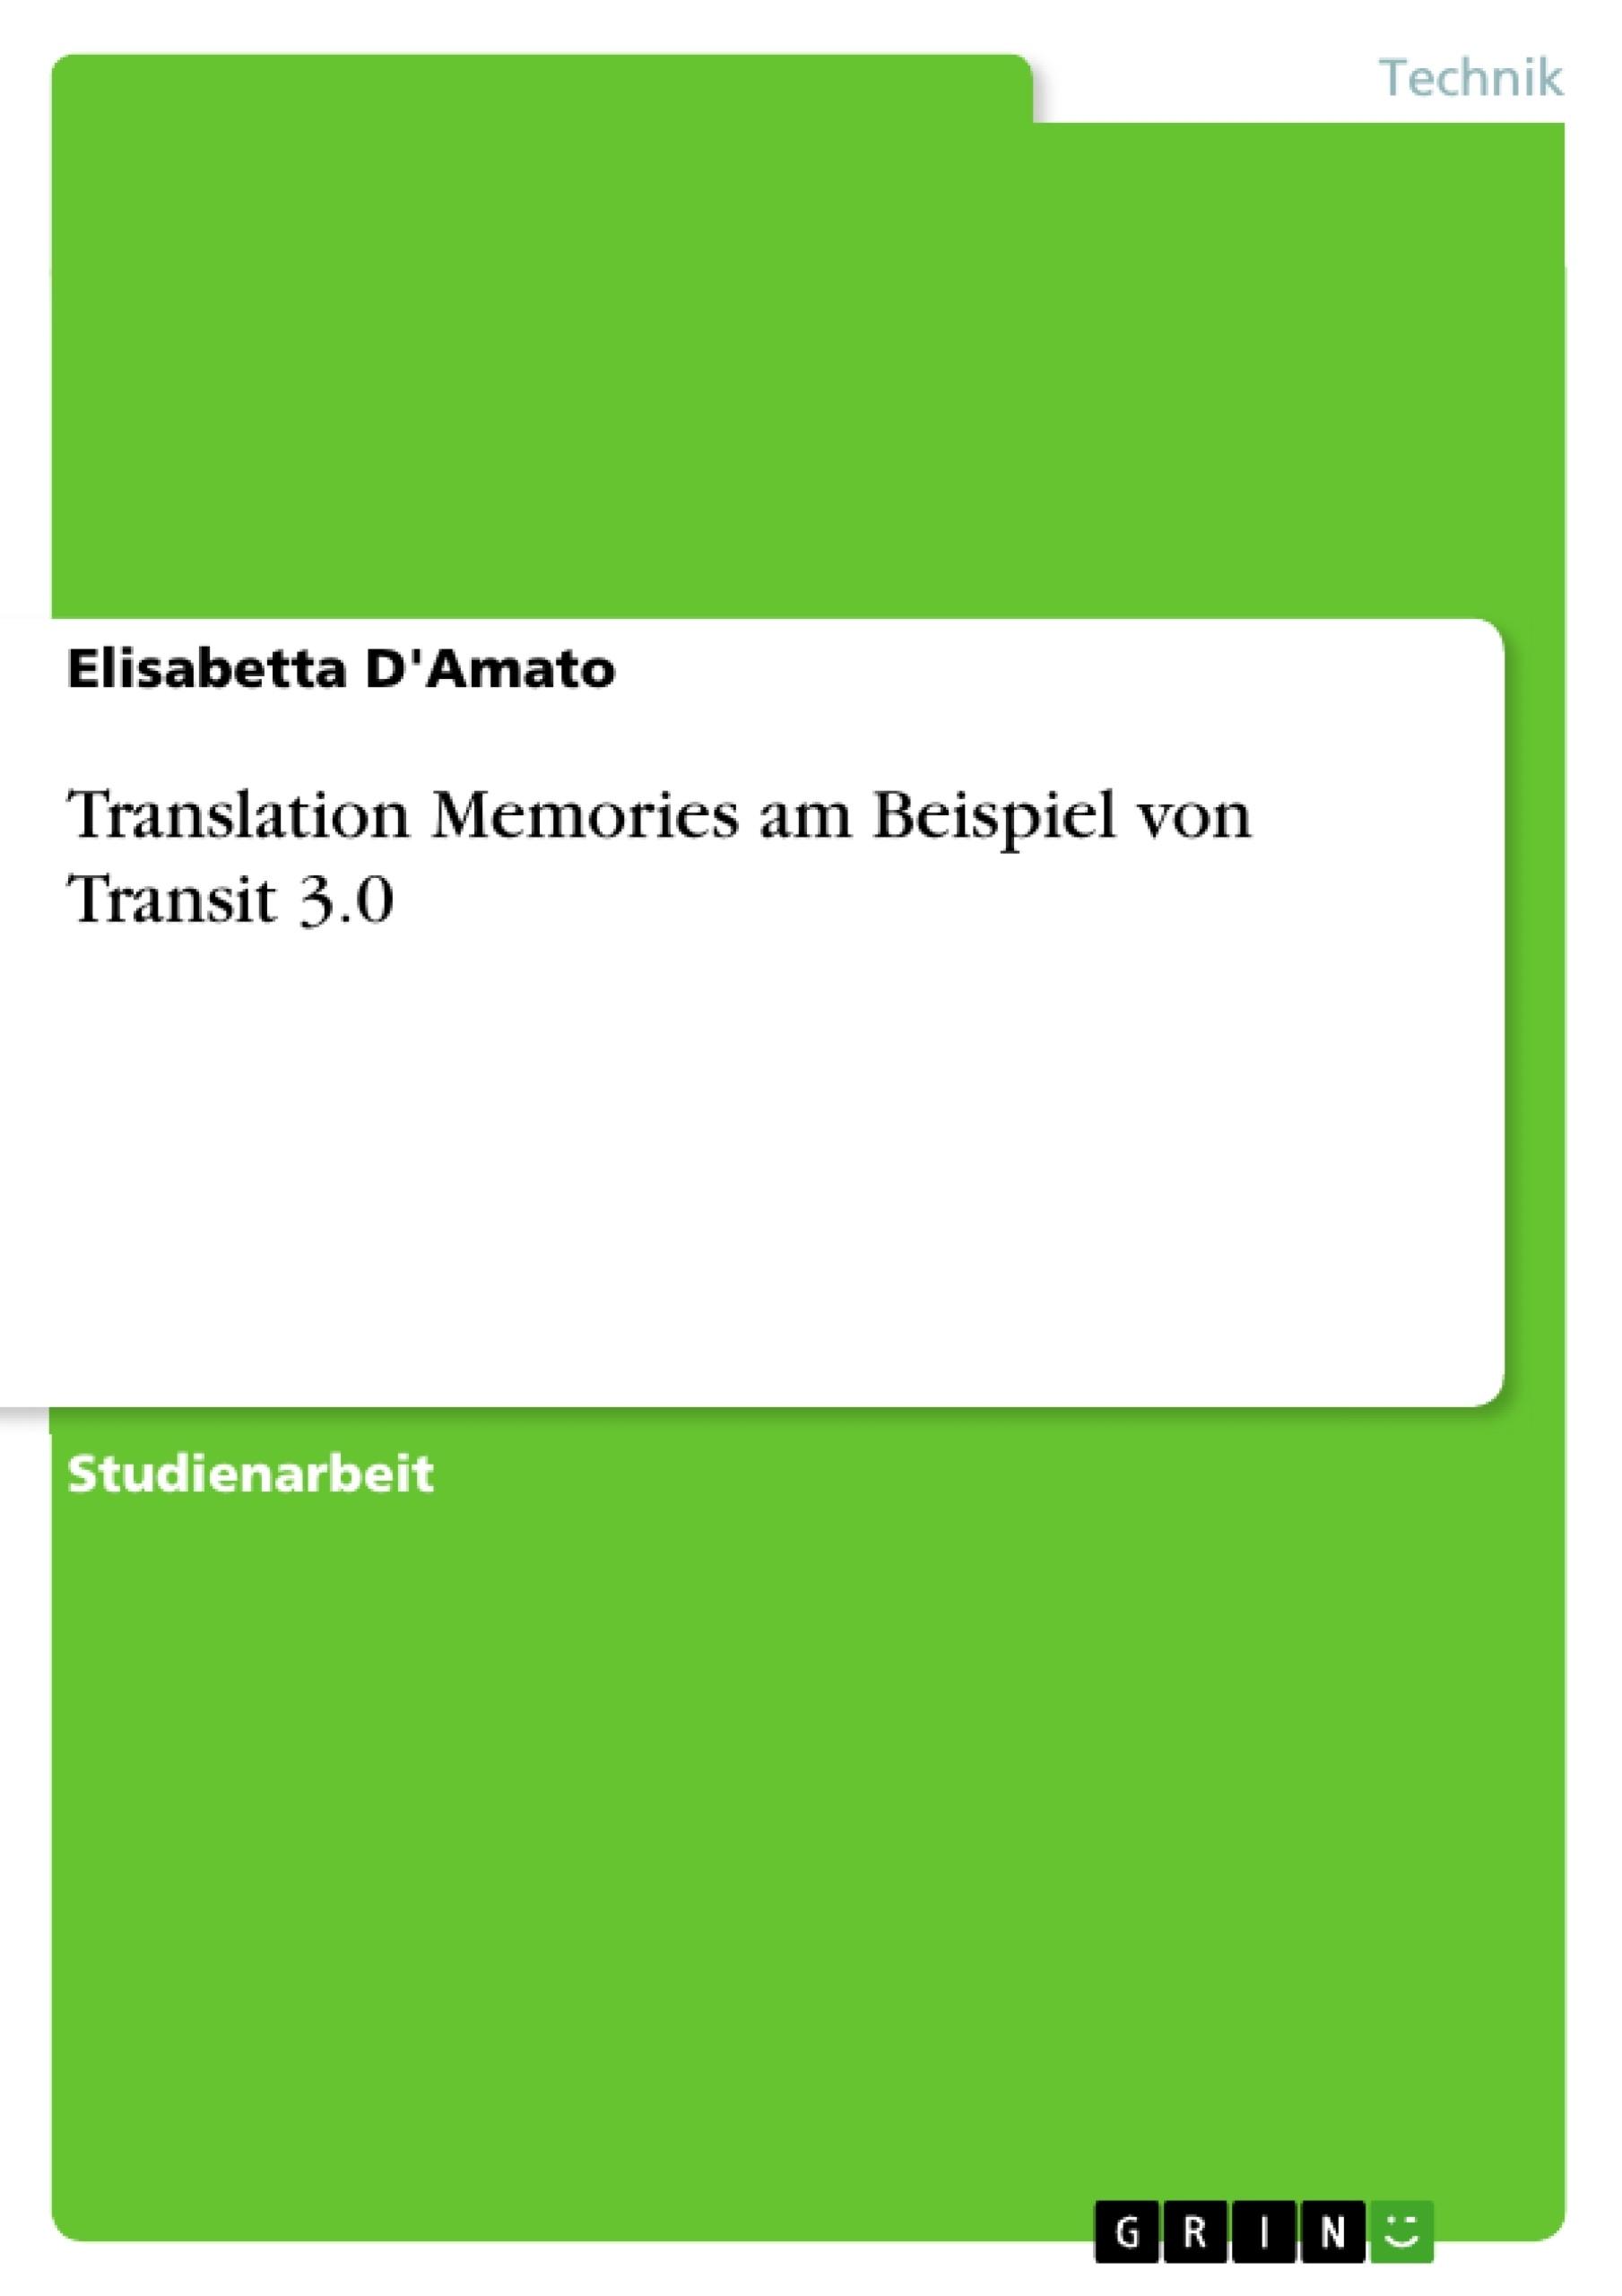 Titel: Translation Memories am Beispiel von Transit 3.0